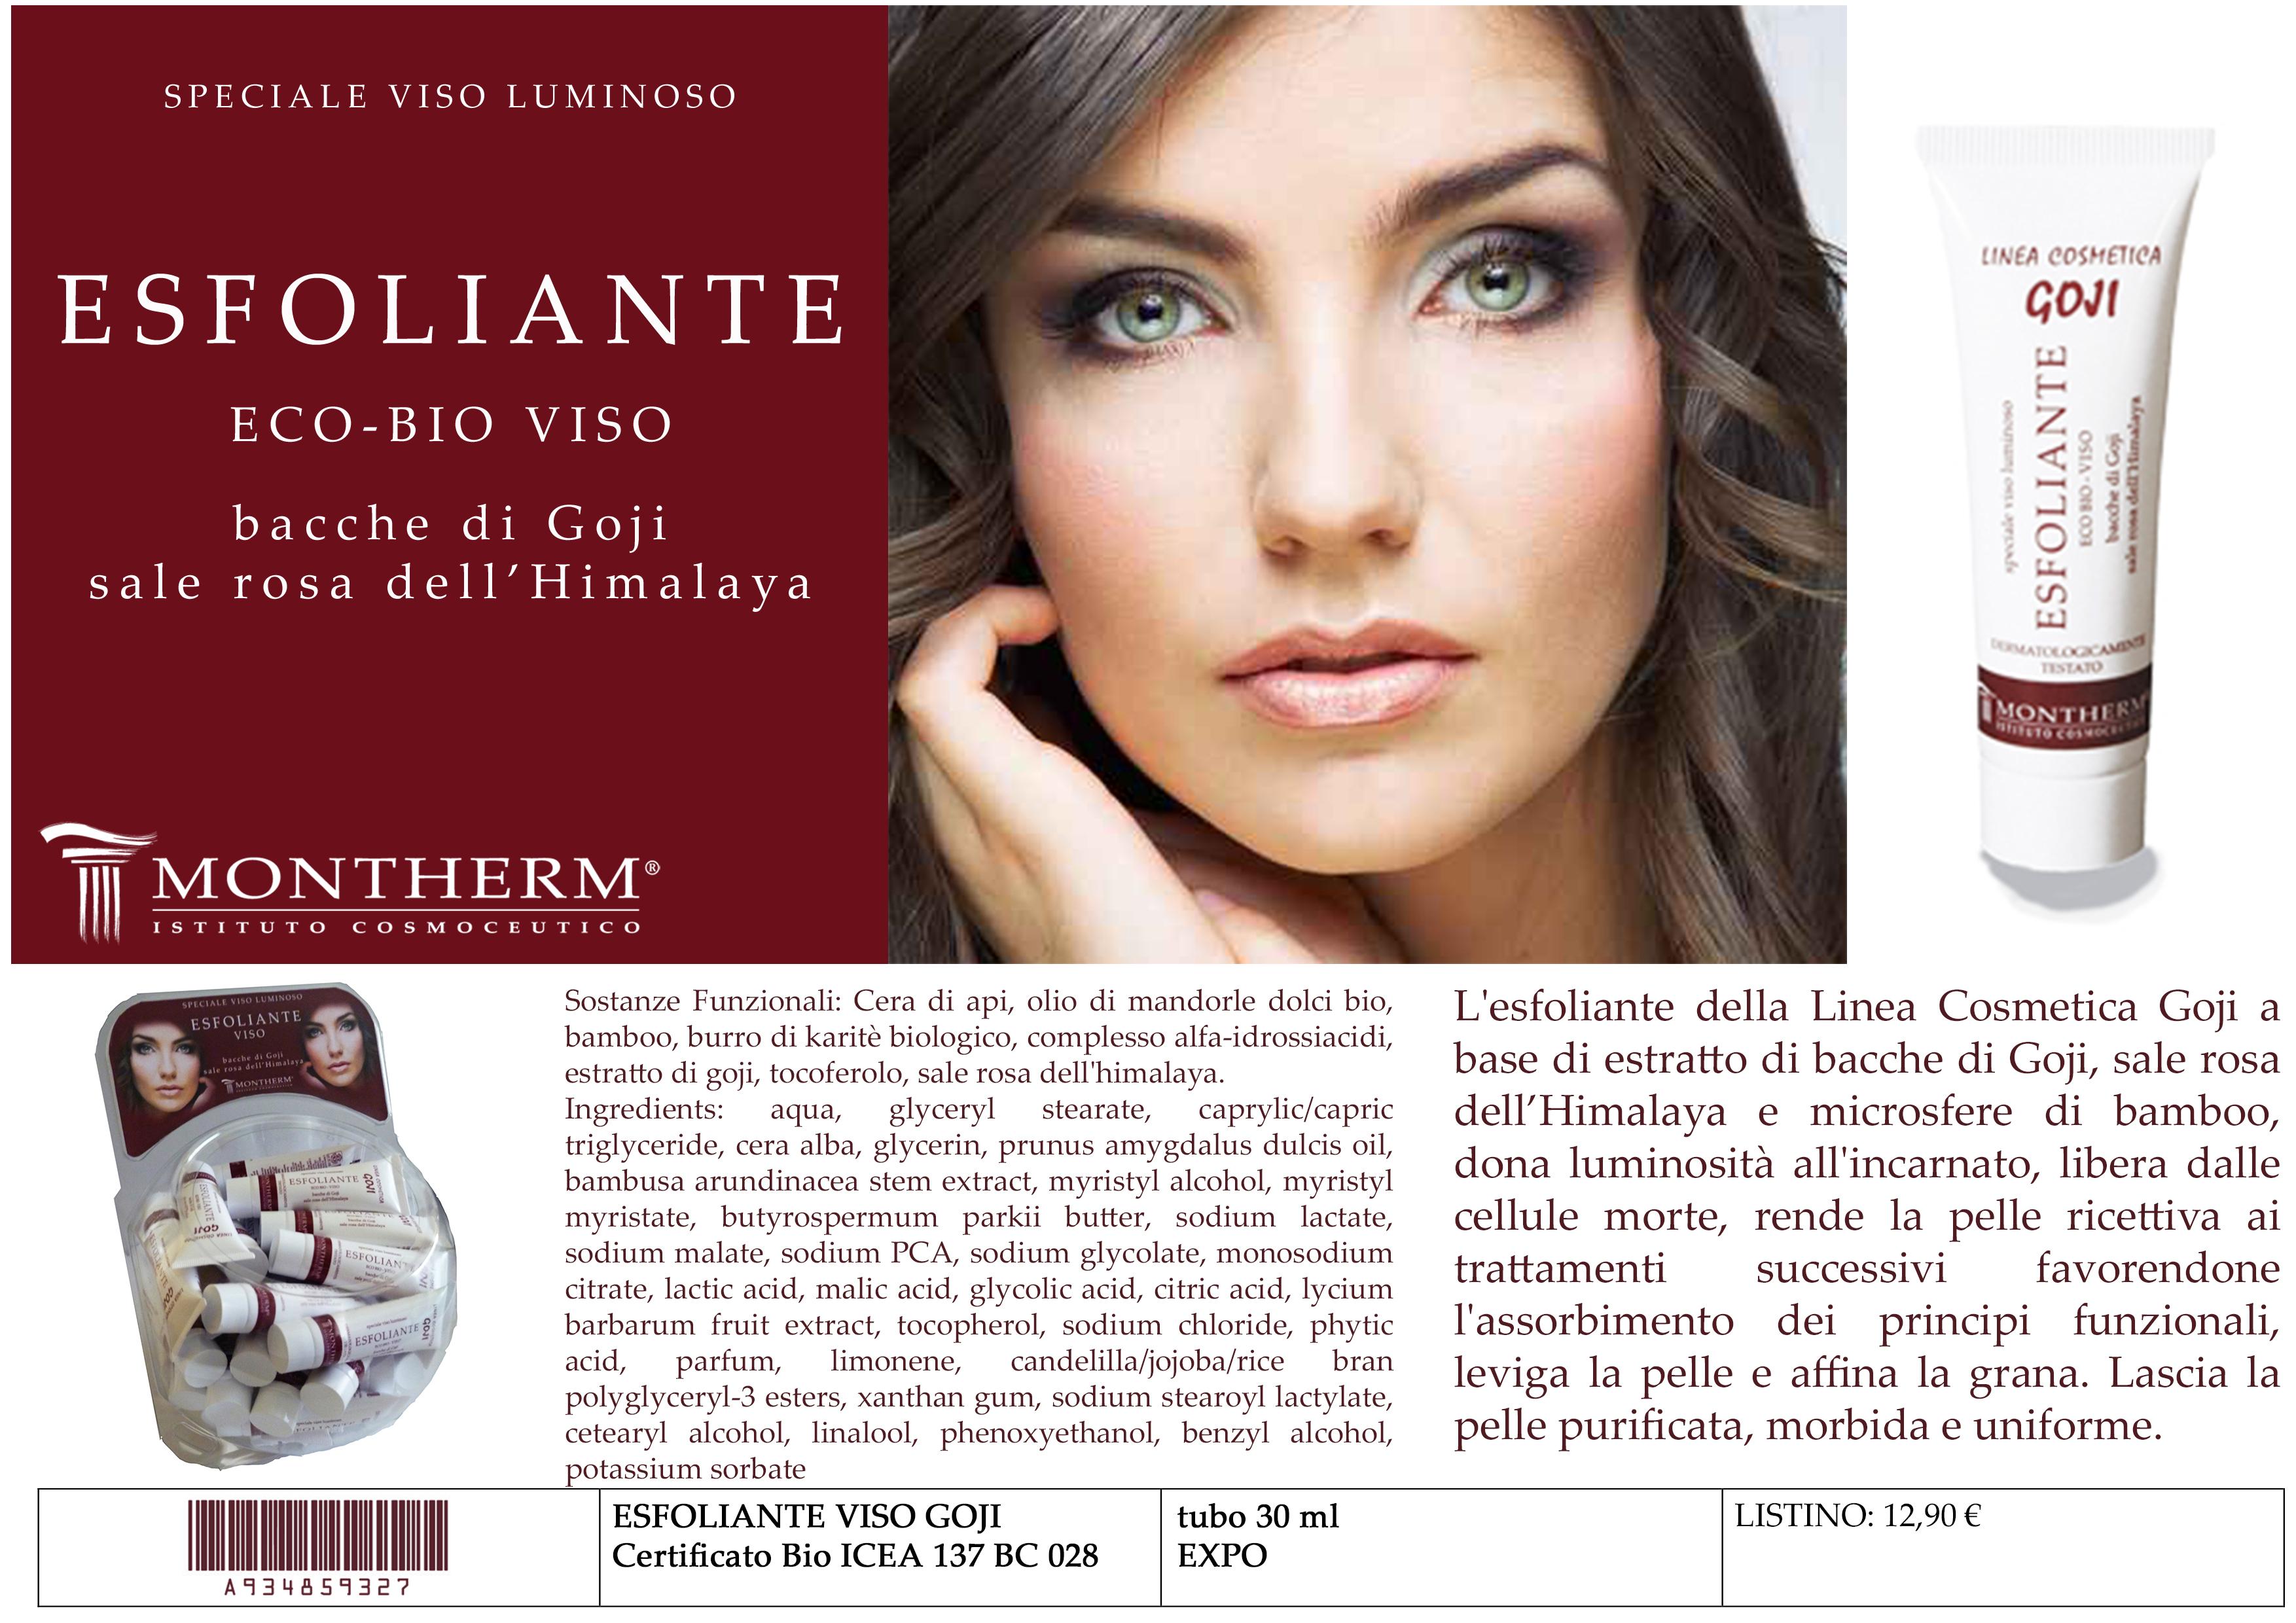 Scheda X catalogo goji esfoliante